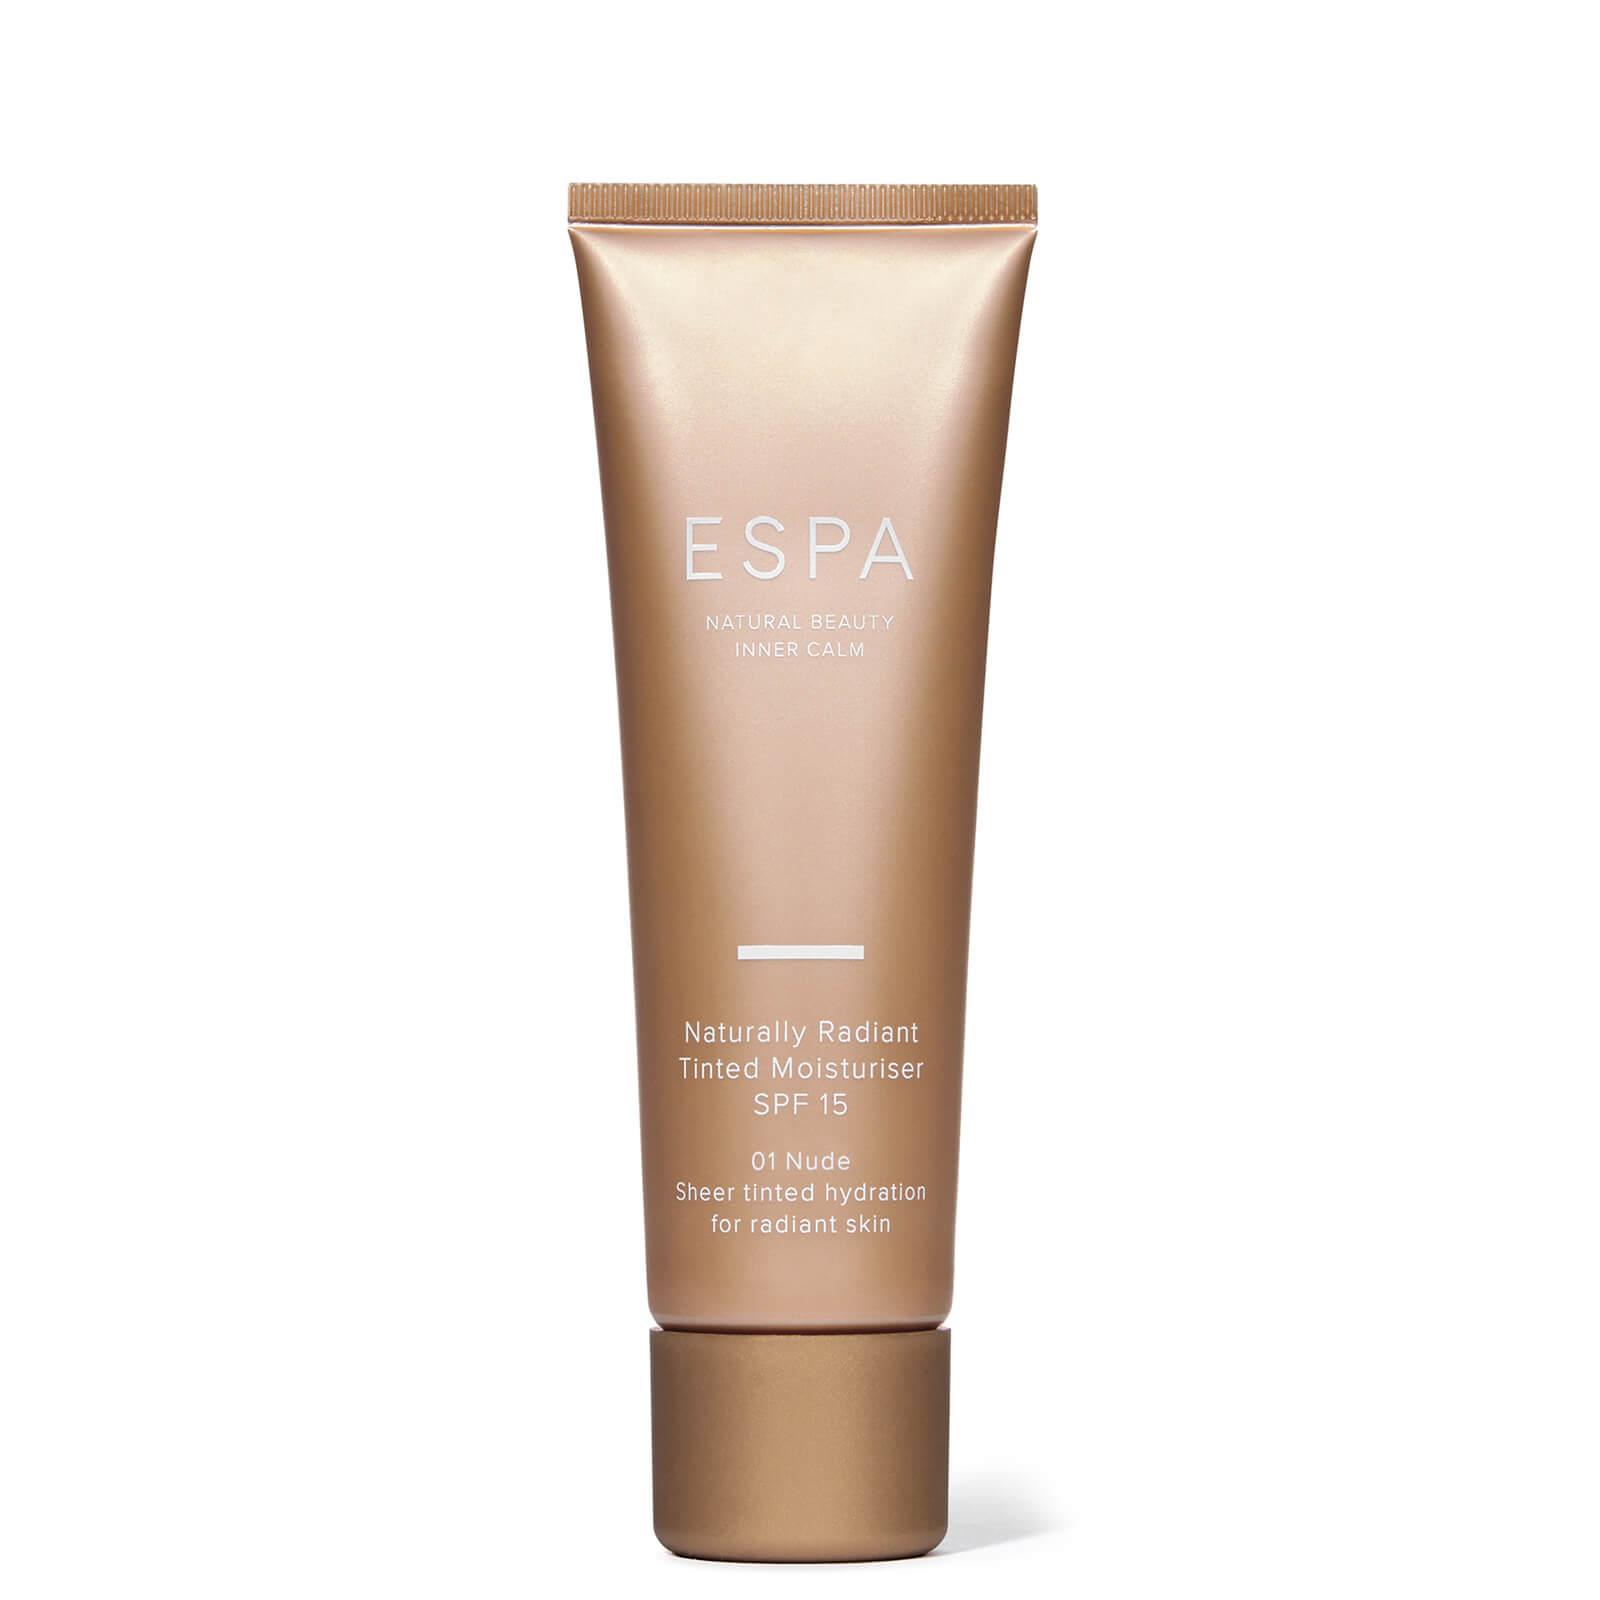 ESPA Tinted Moisturiser SPF 15 - Nude